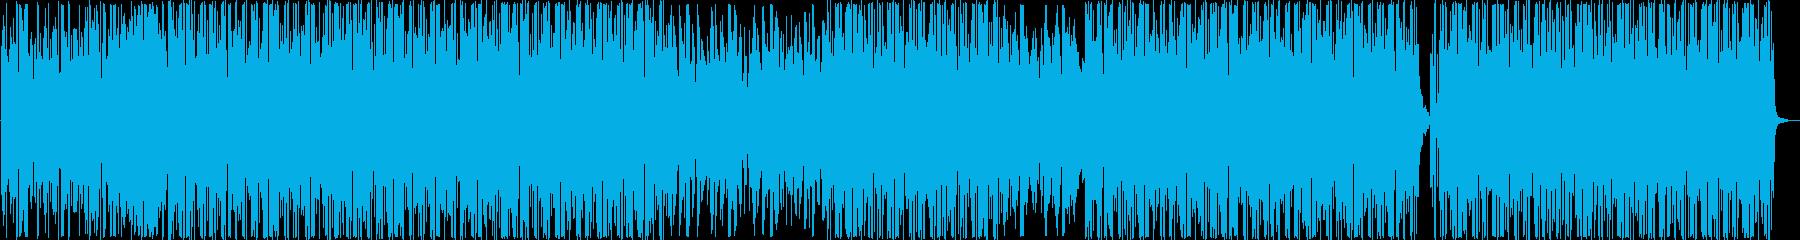 お洒落でシンプルなビートの再生済みの波形